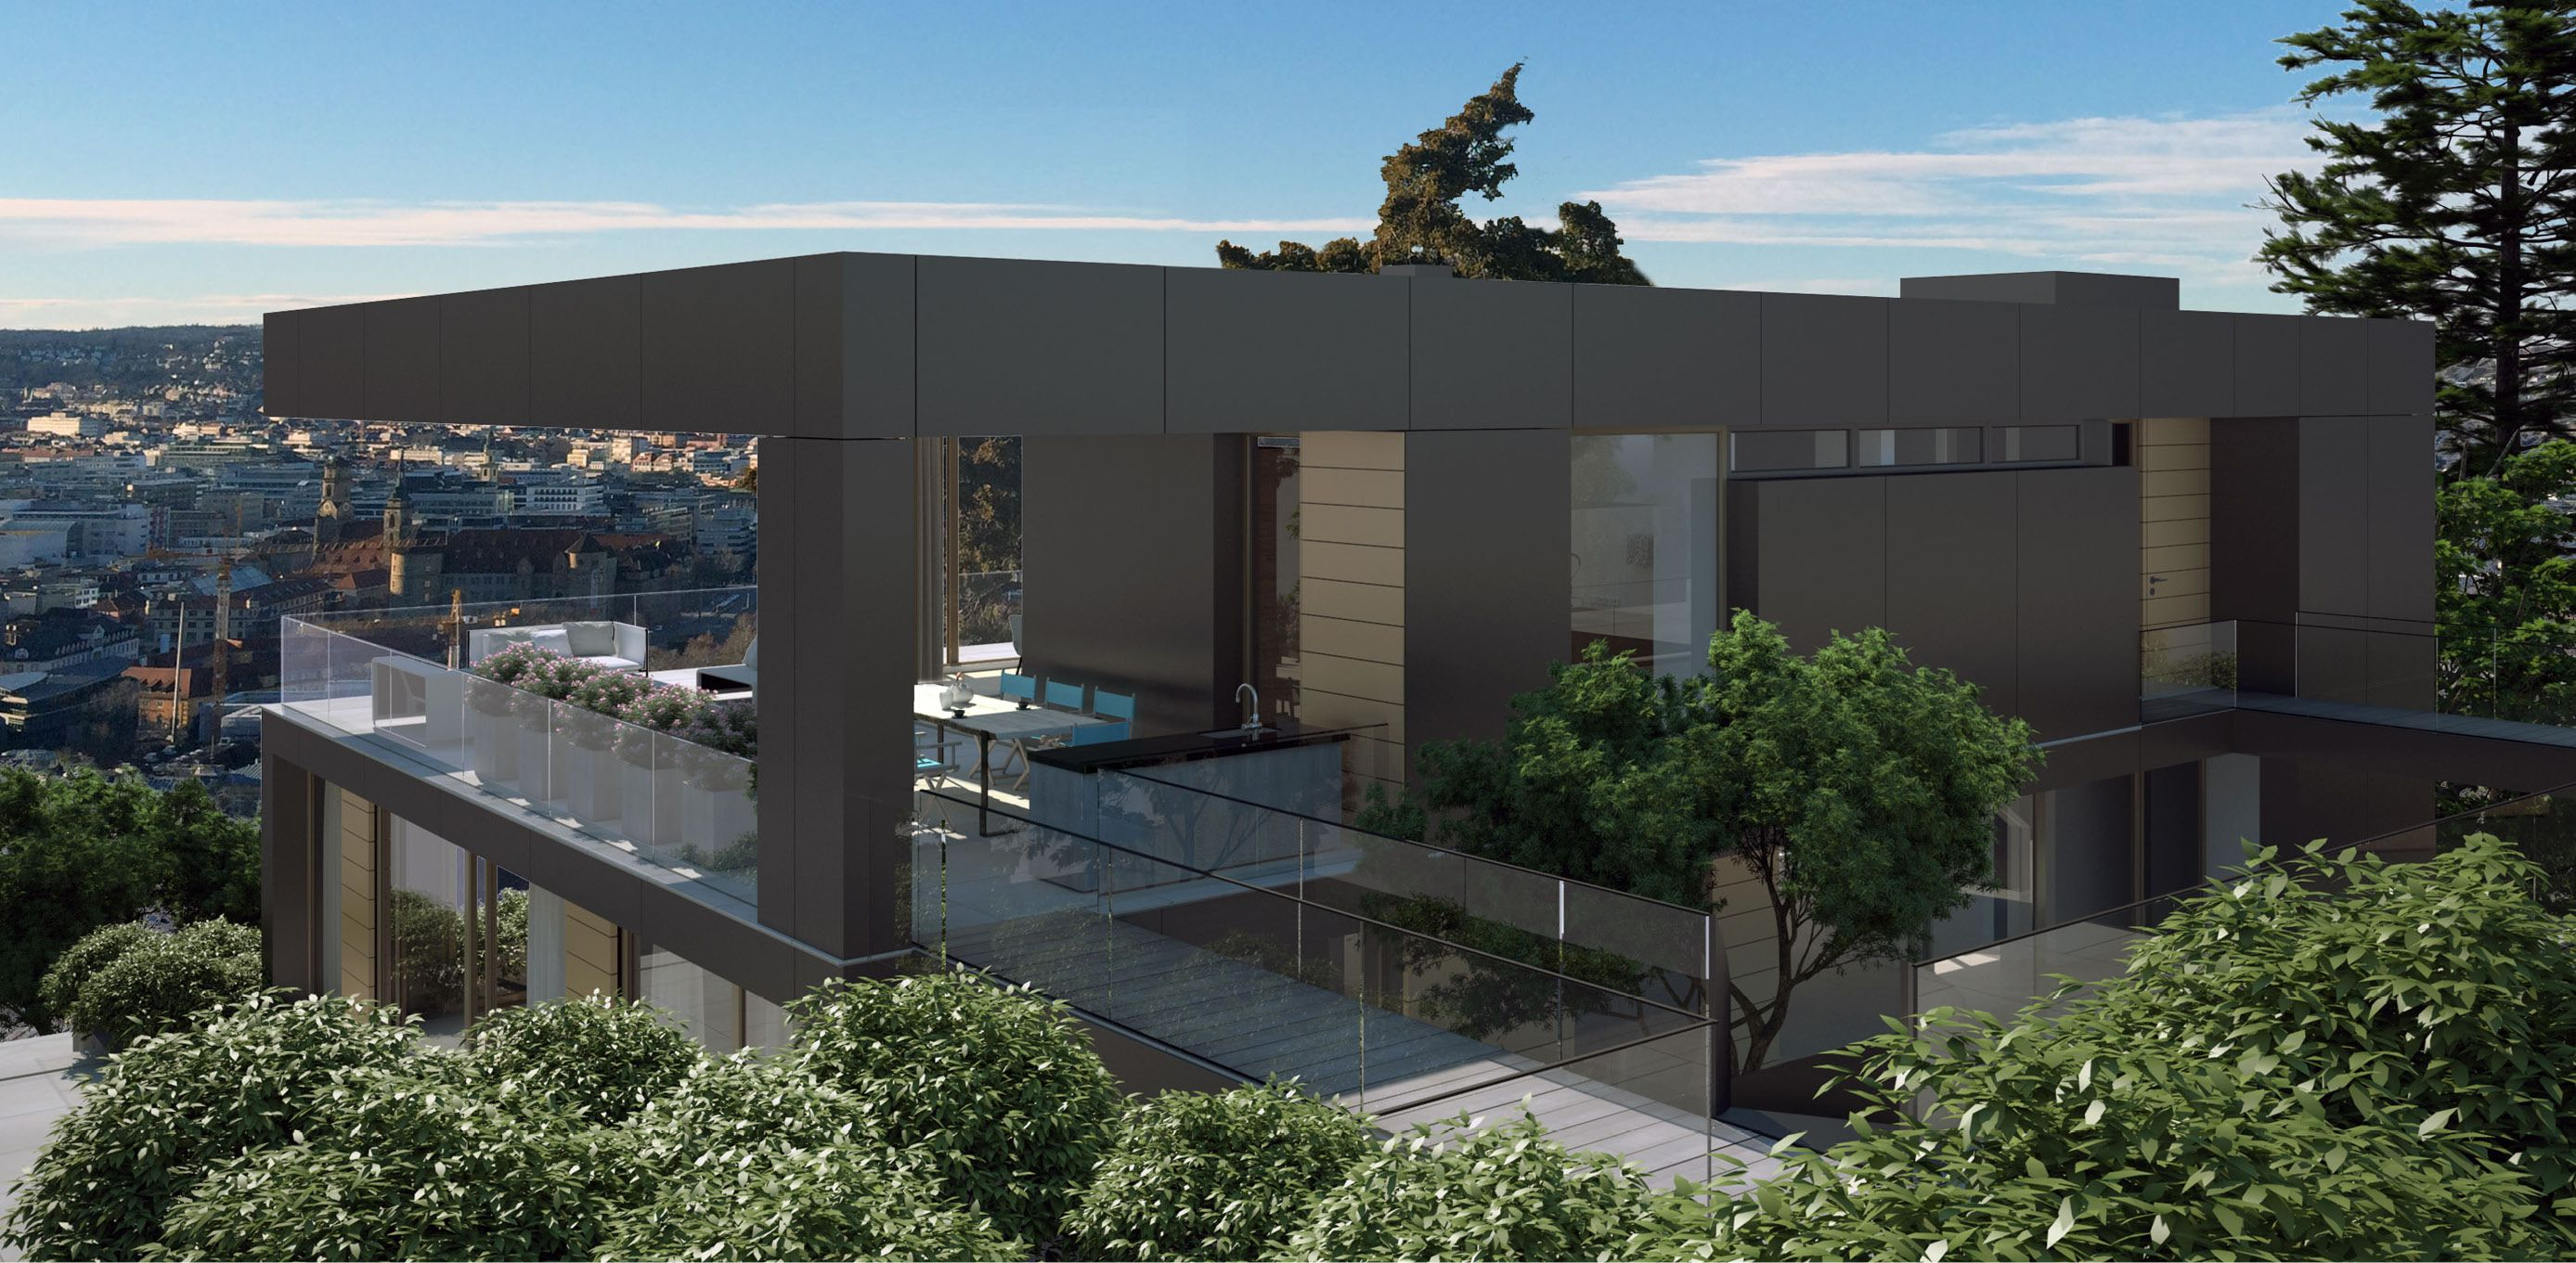 Projekt   Haus Am Hang Stuttgart | Architekten Bda: Fuchs, Wacker.